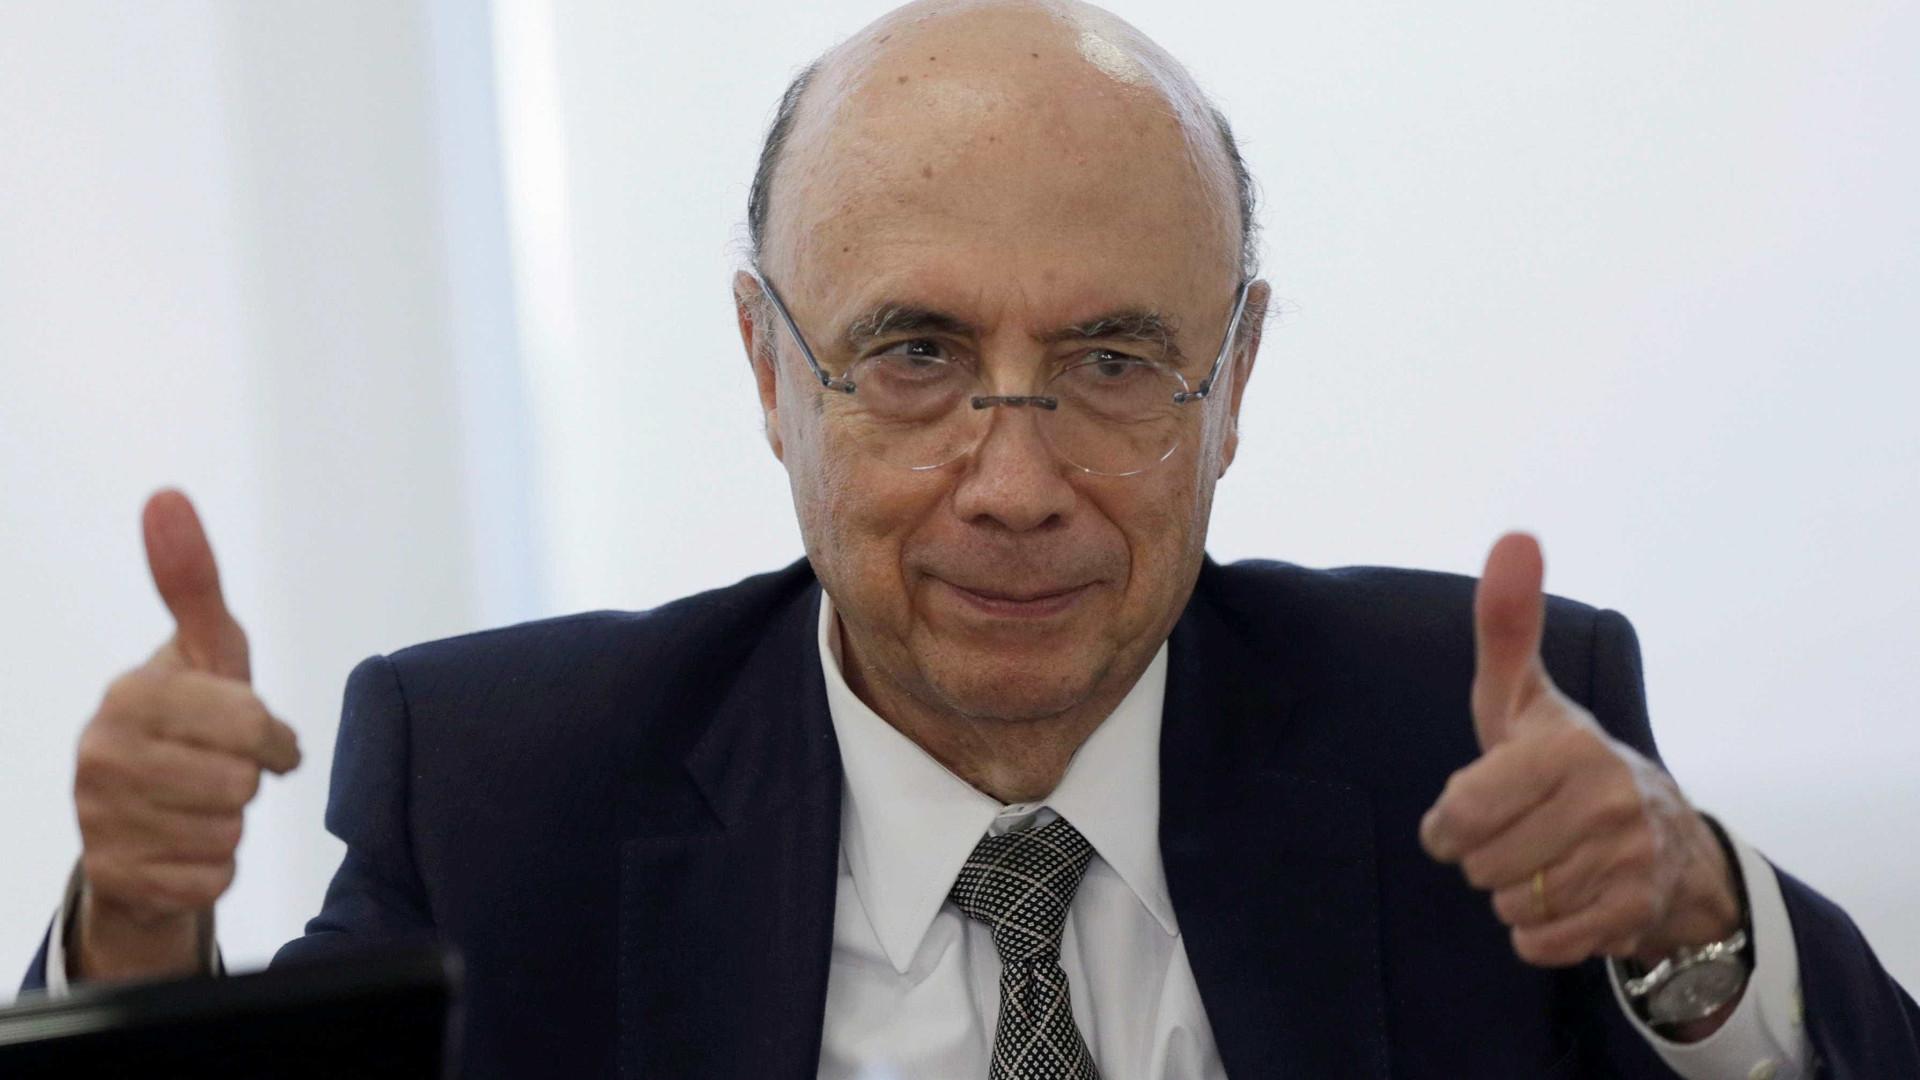 'Sim, sou presidenciável', diz Meirelles em entrevista